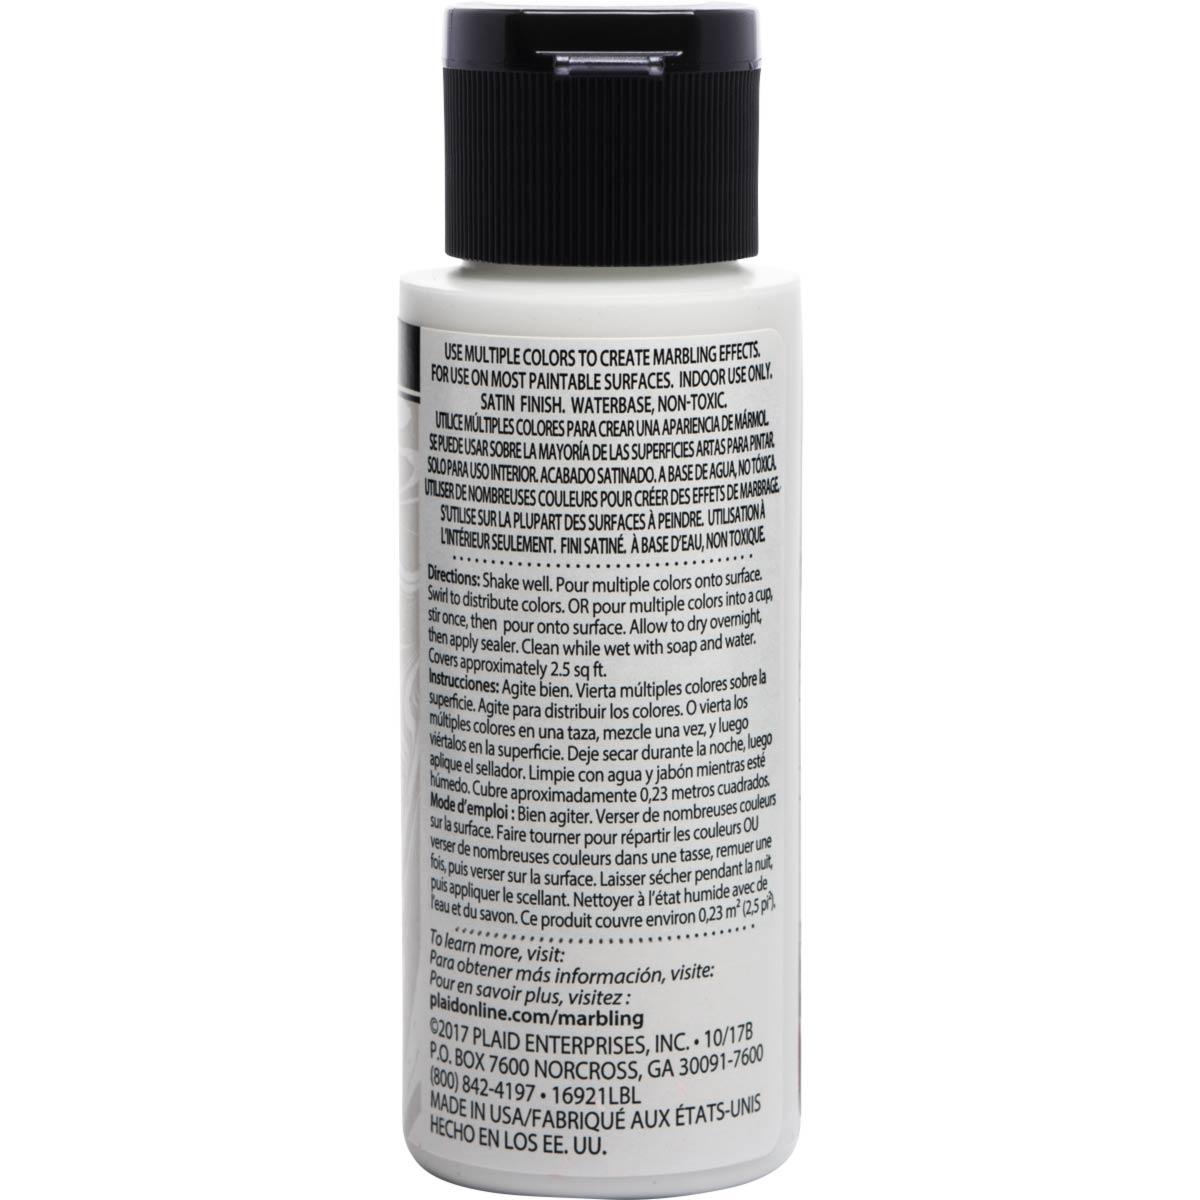 FolkArt ® Marbling Paint - White, 2 oz. - 16921